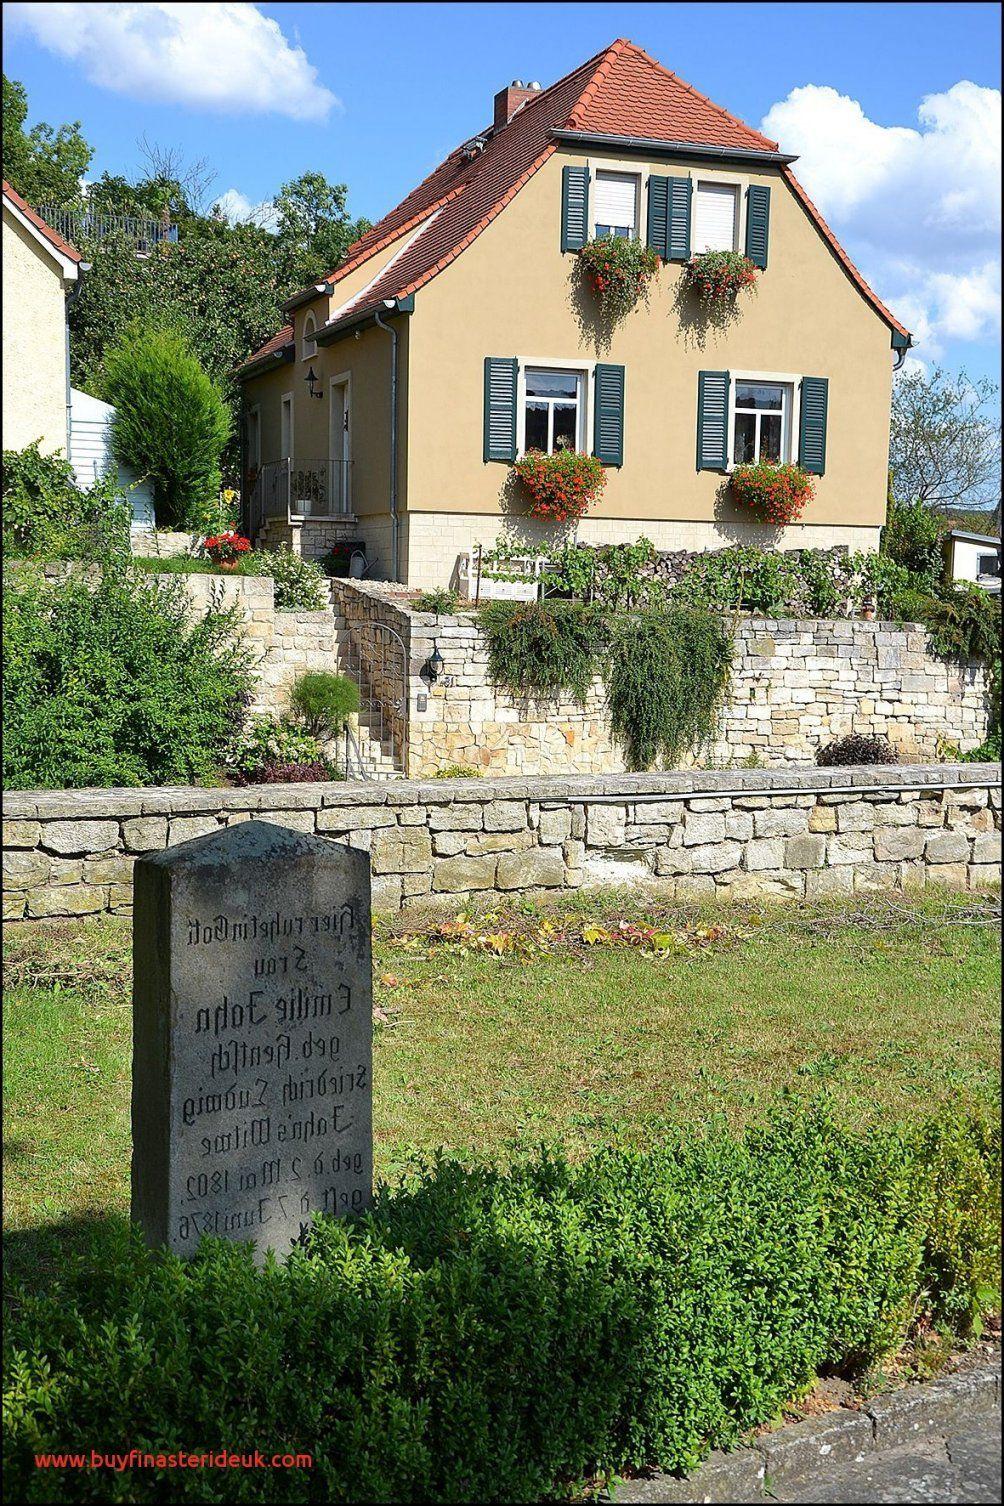 Haus Kaufen Potsdam Lovely Foto Über Haus Kaufen Potsdam Haus Kaufen von Haus Kaufen In Potsdam Bild